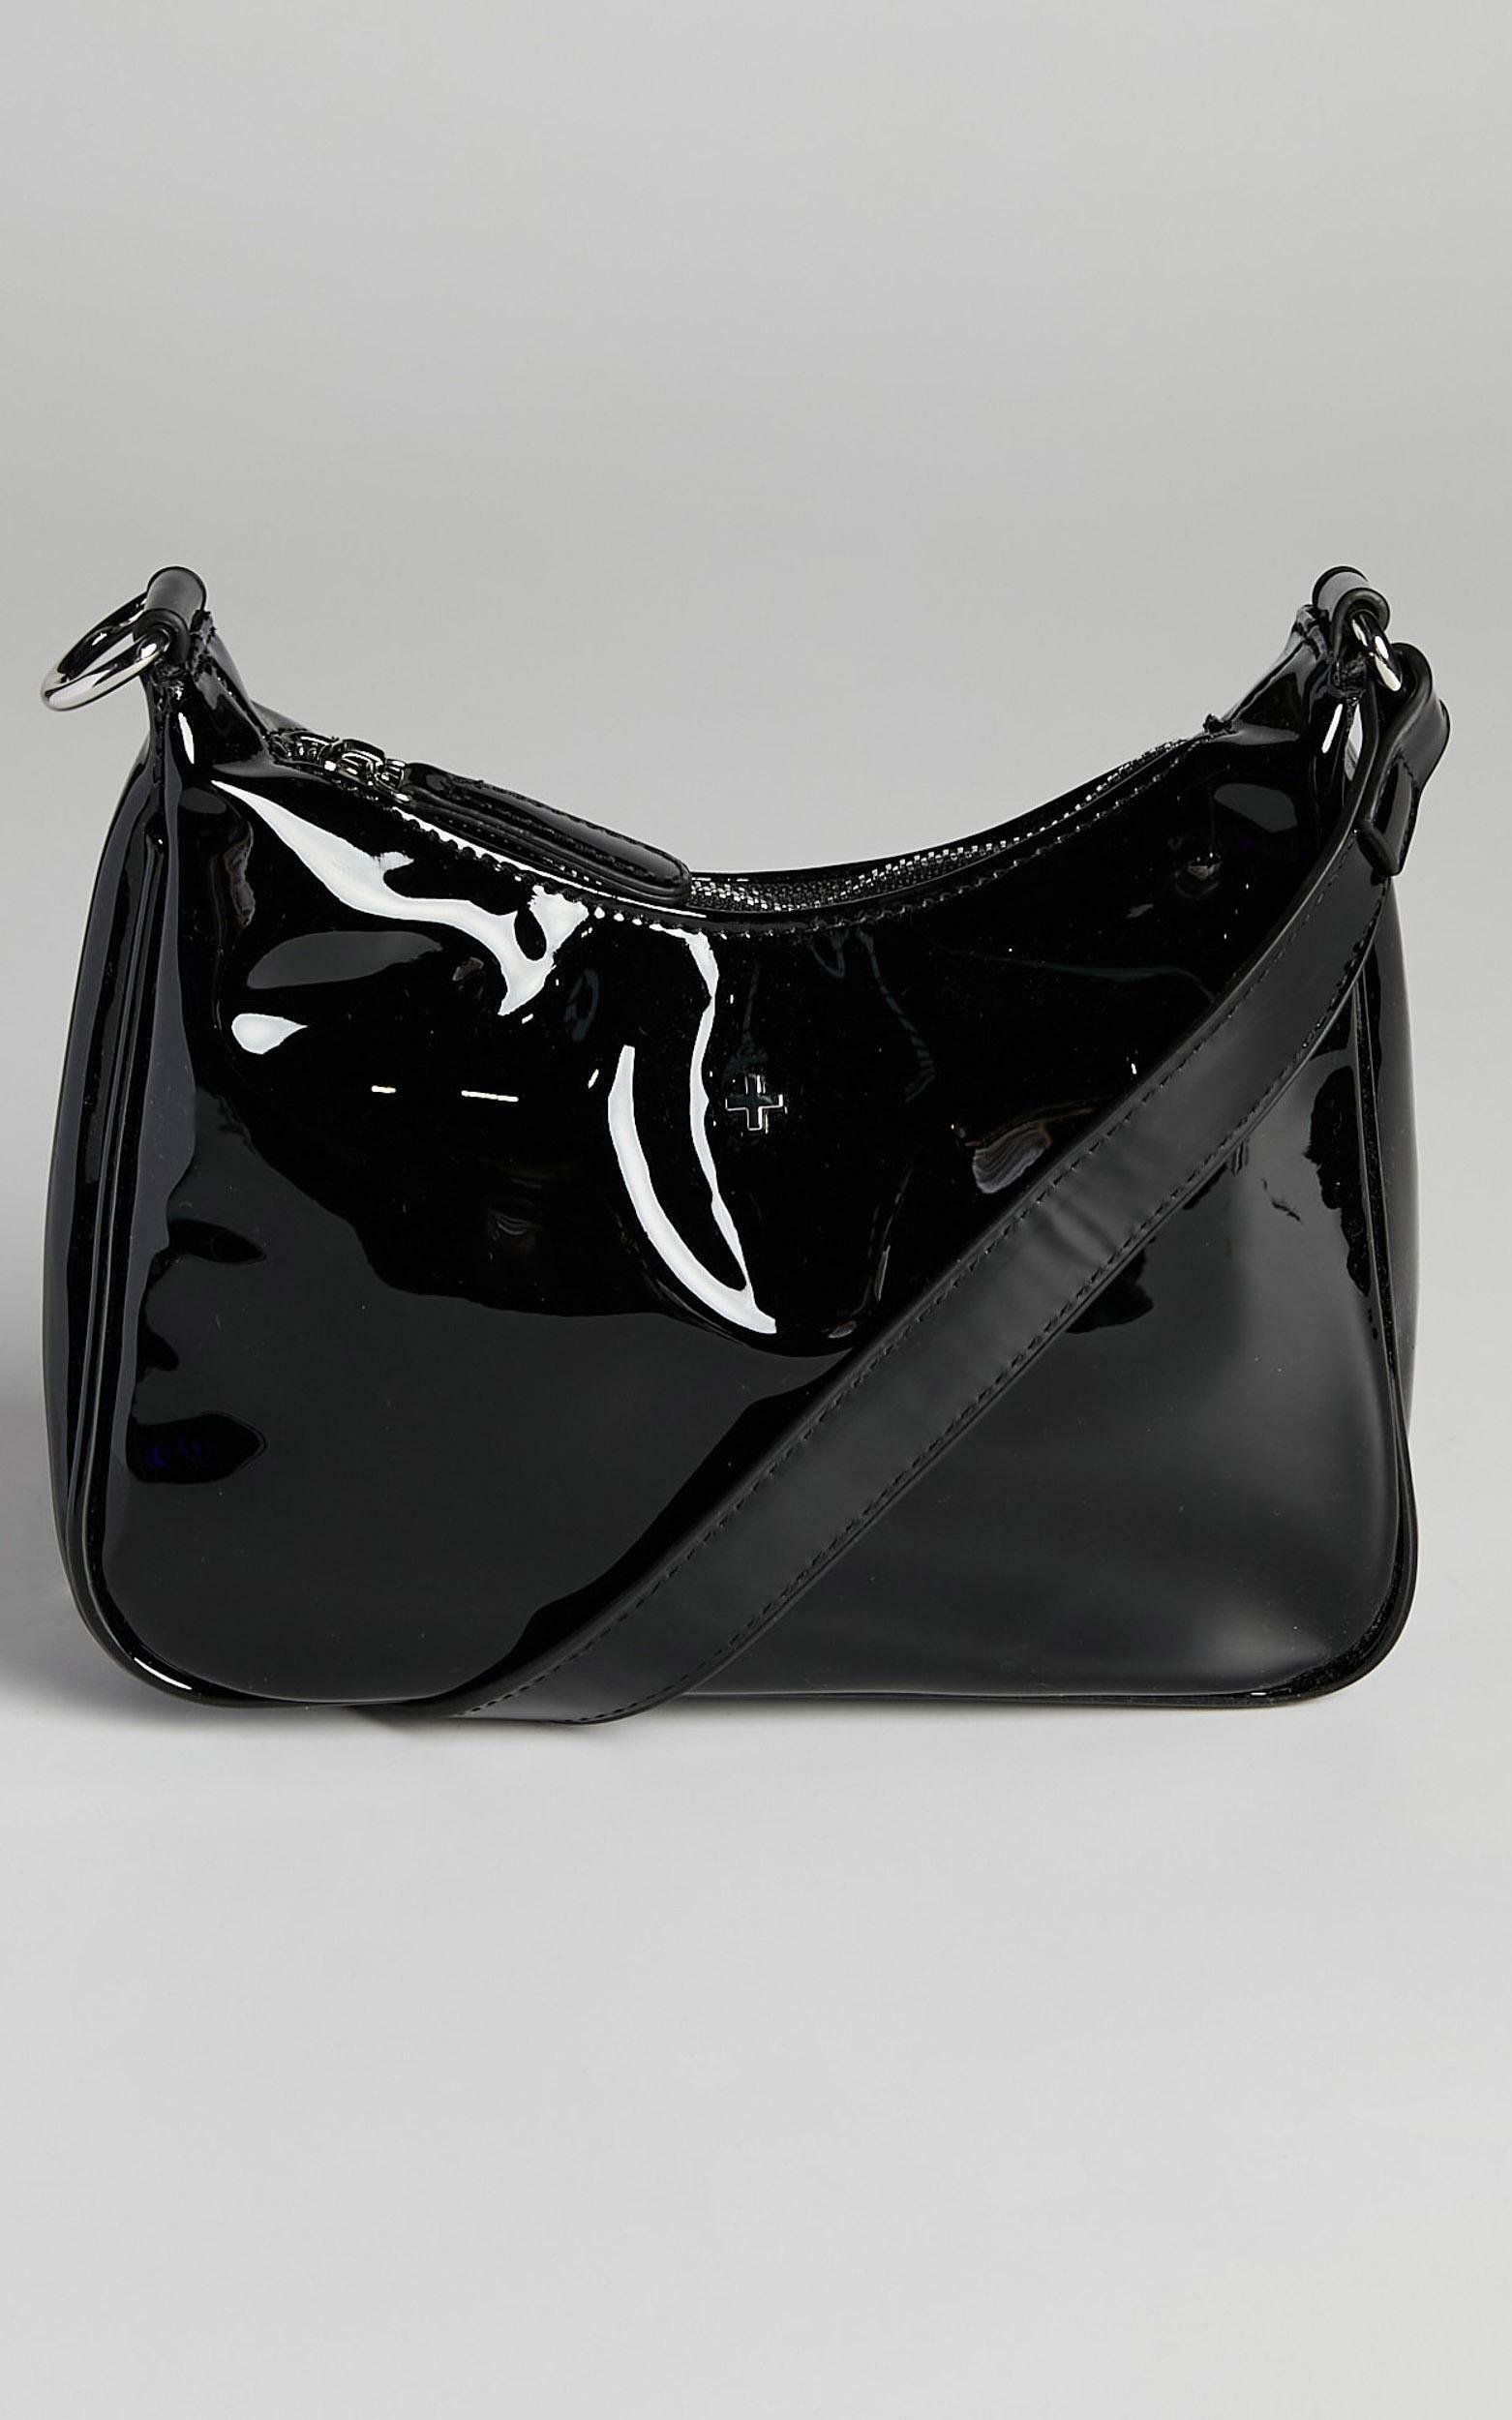 Peta and Jain - Totti Bag in Black Patent, BLK1, hi-res image number null